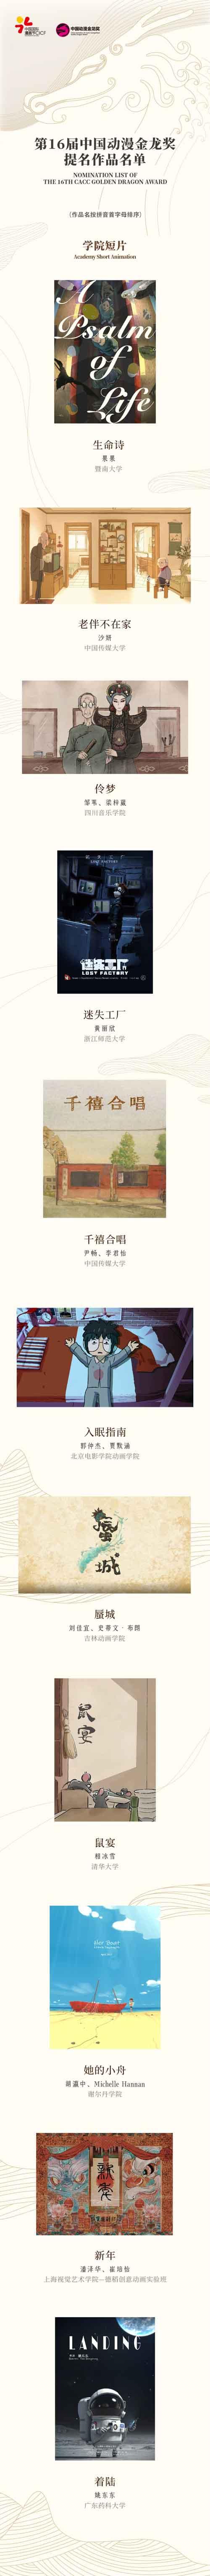 第16届中国动漫金龙奖提名名单揭晓! 原创专区-第7张